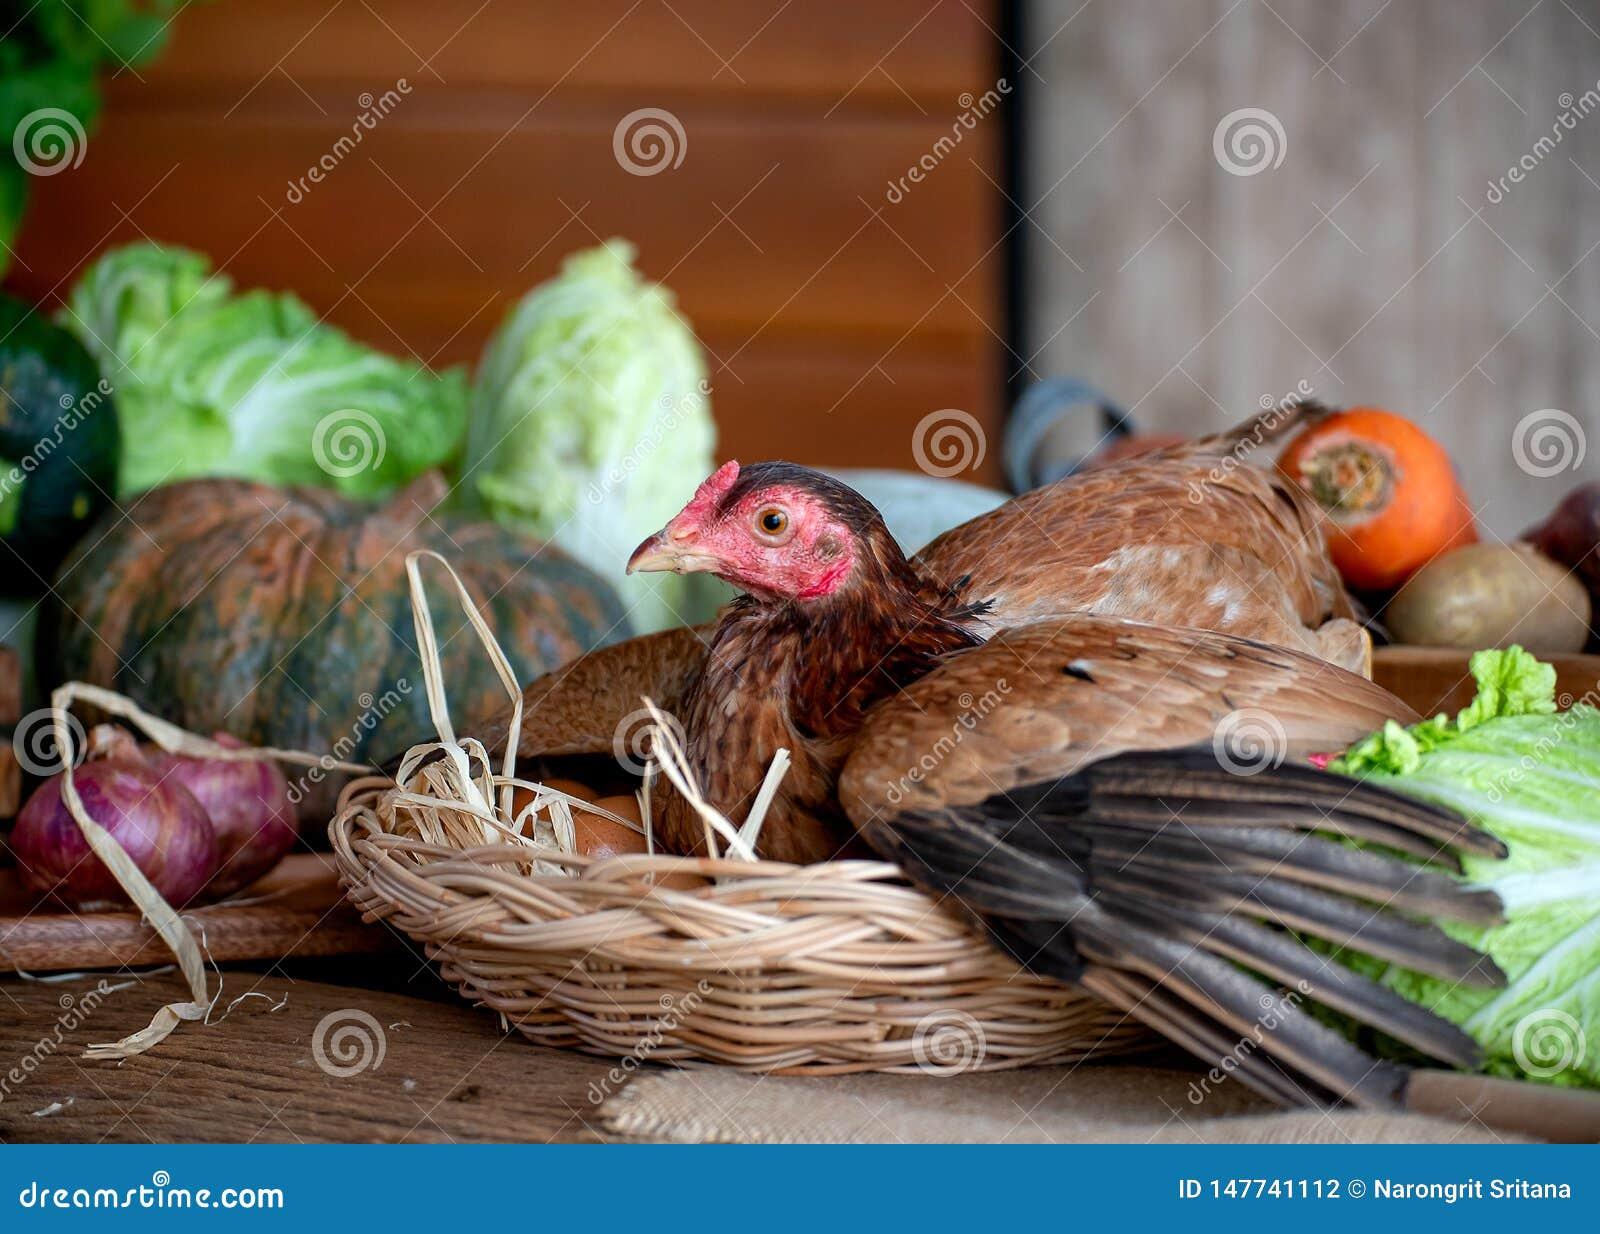 Gallina en cesta con los huevos entre los diversos tipos de verdura en la tabla en la cocina